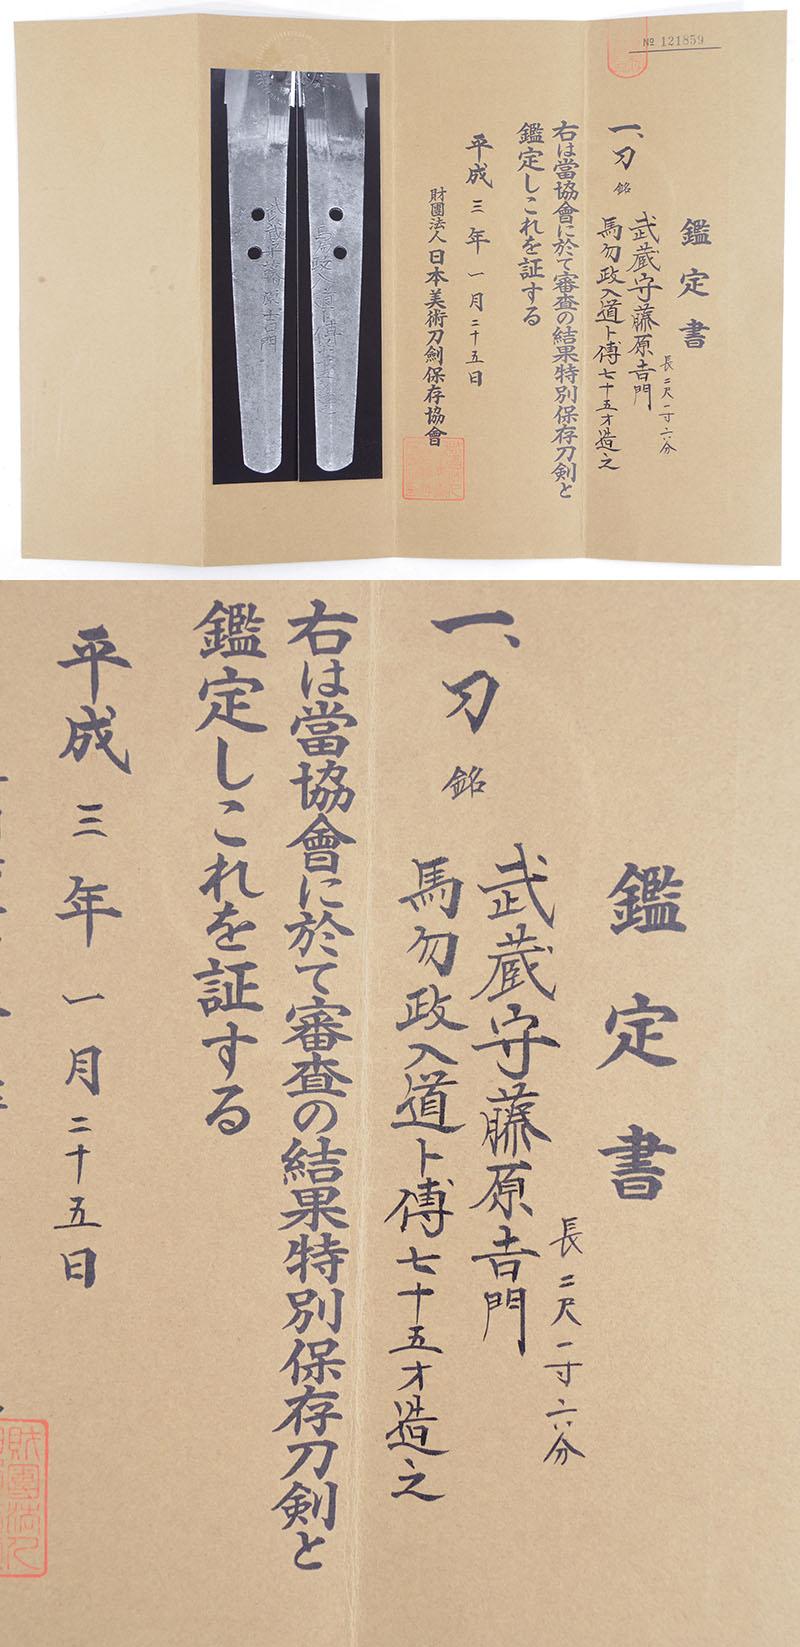 刀 武蔵守藤原吉門  馬勿政入道ト伝七十五才造之(業物) Picture of Certificate